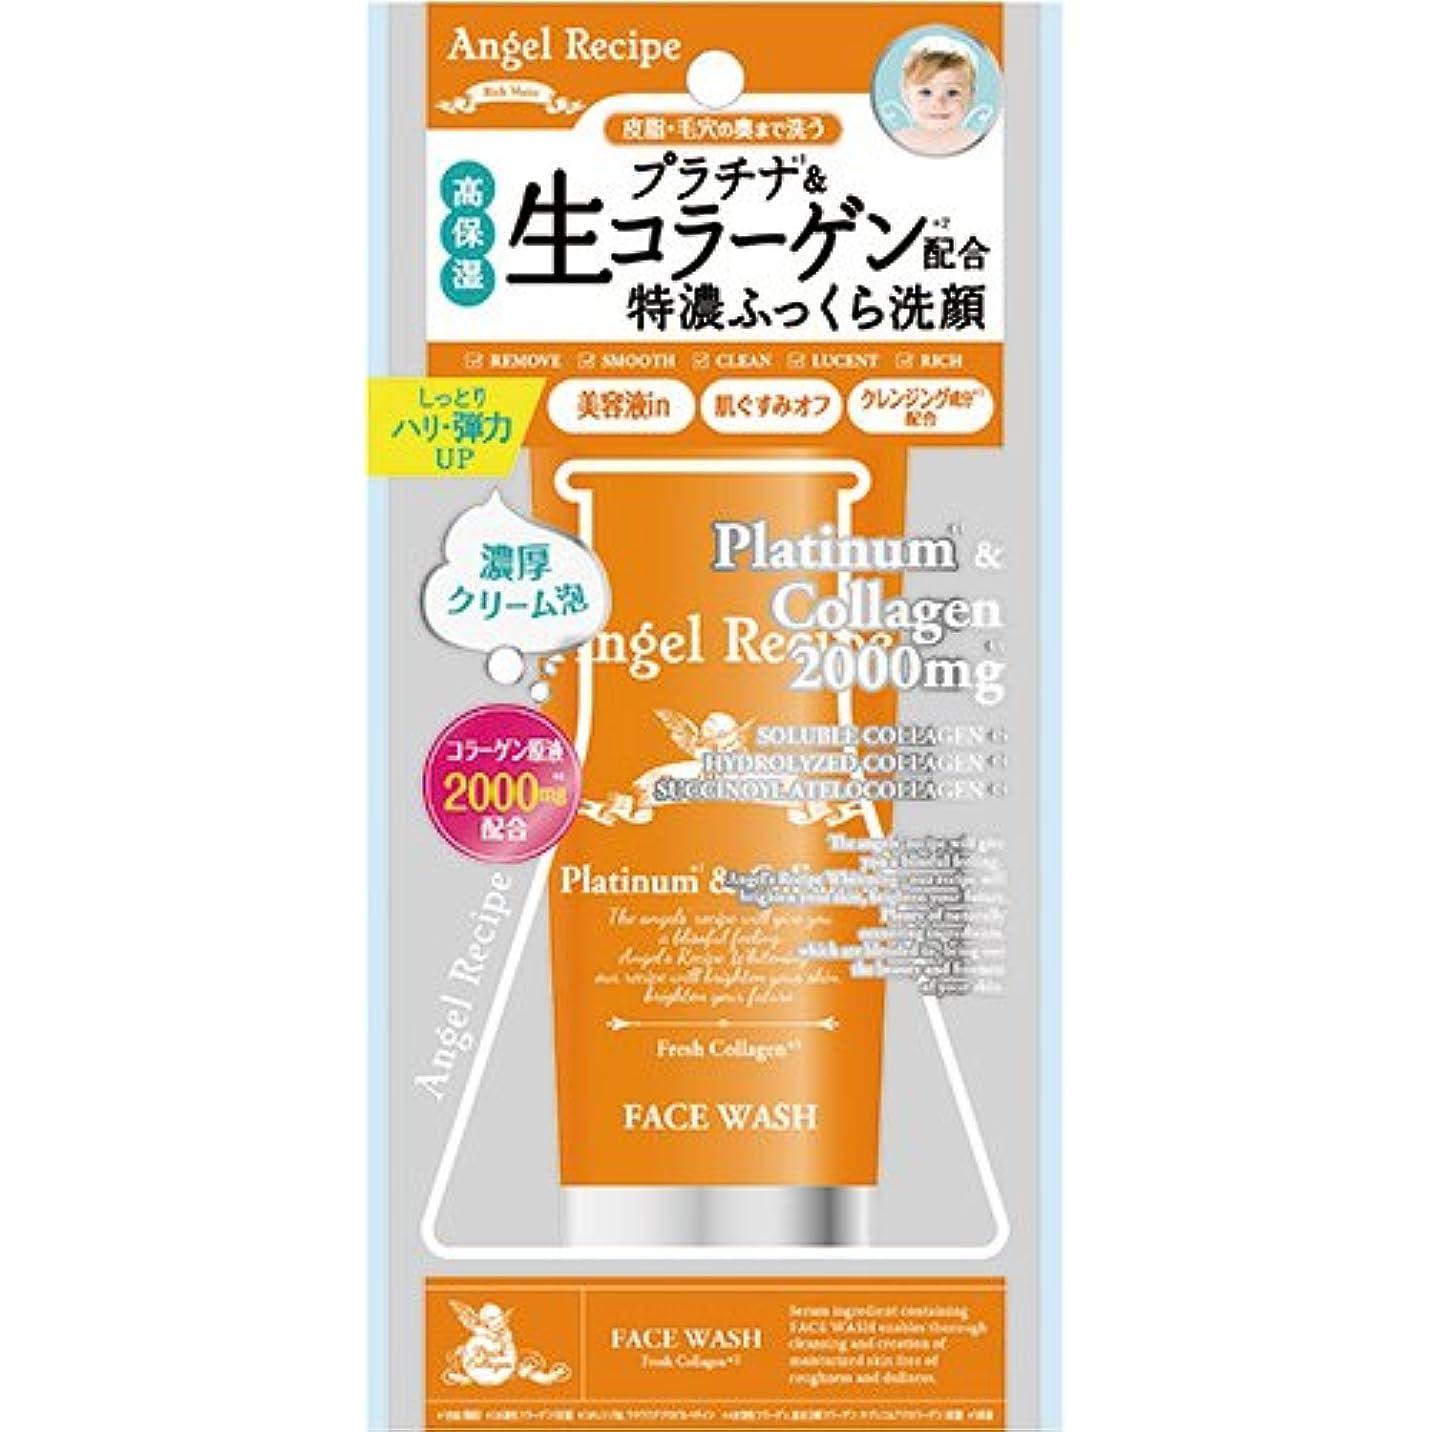 サーカス次時折AngelRecipe エンジェルレシピ リッチモイスト 洗顔フォーム 90g